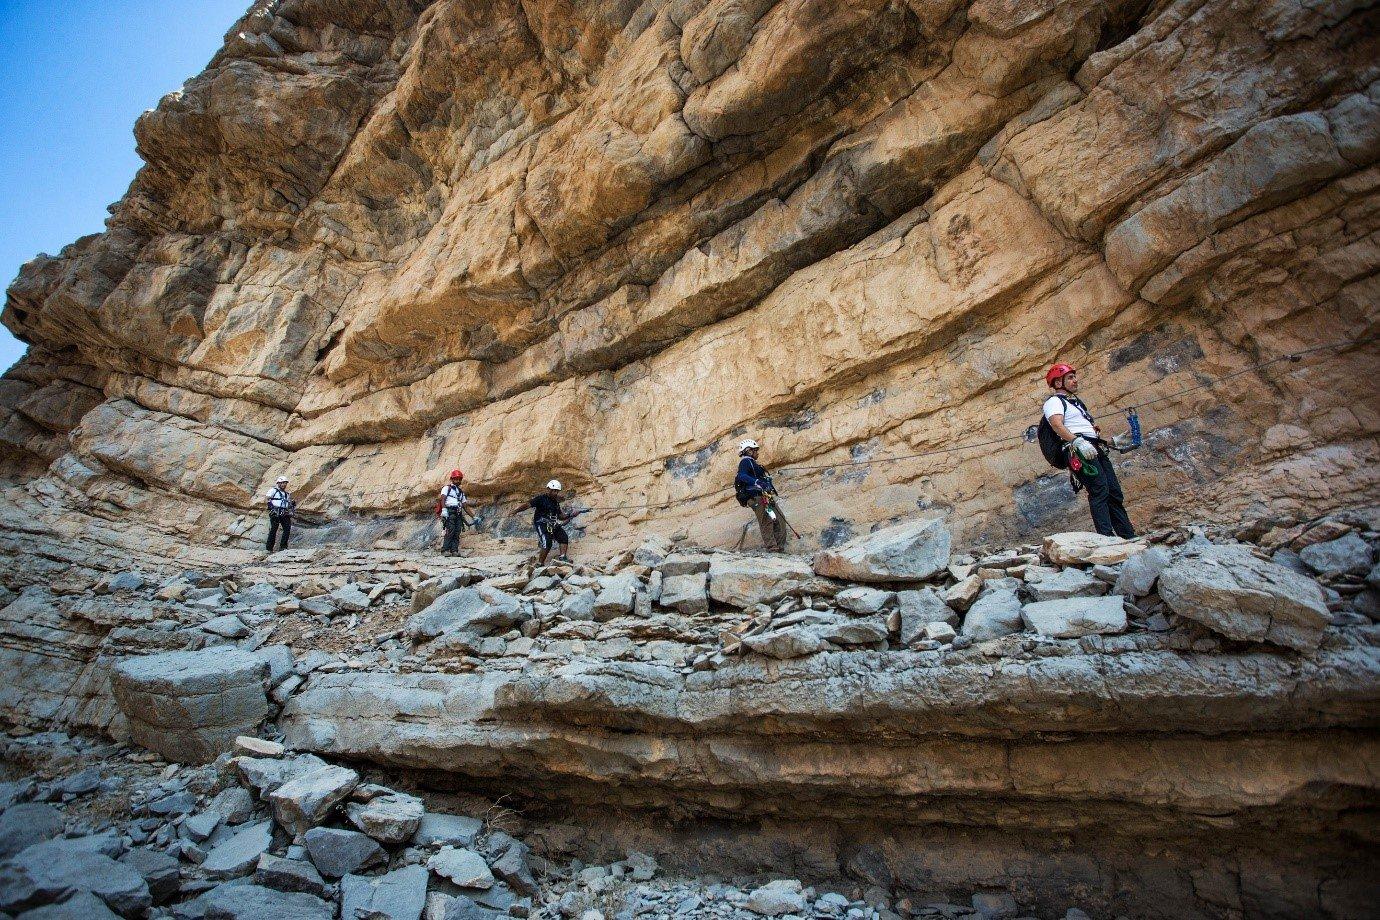 Limestone Cliffs & Mountain Climbing, Ras Al Khaimah